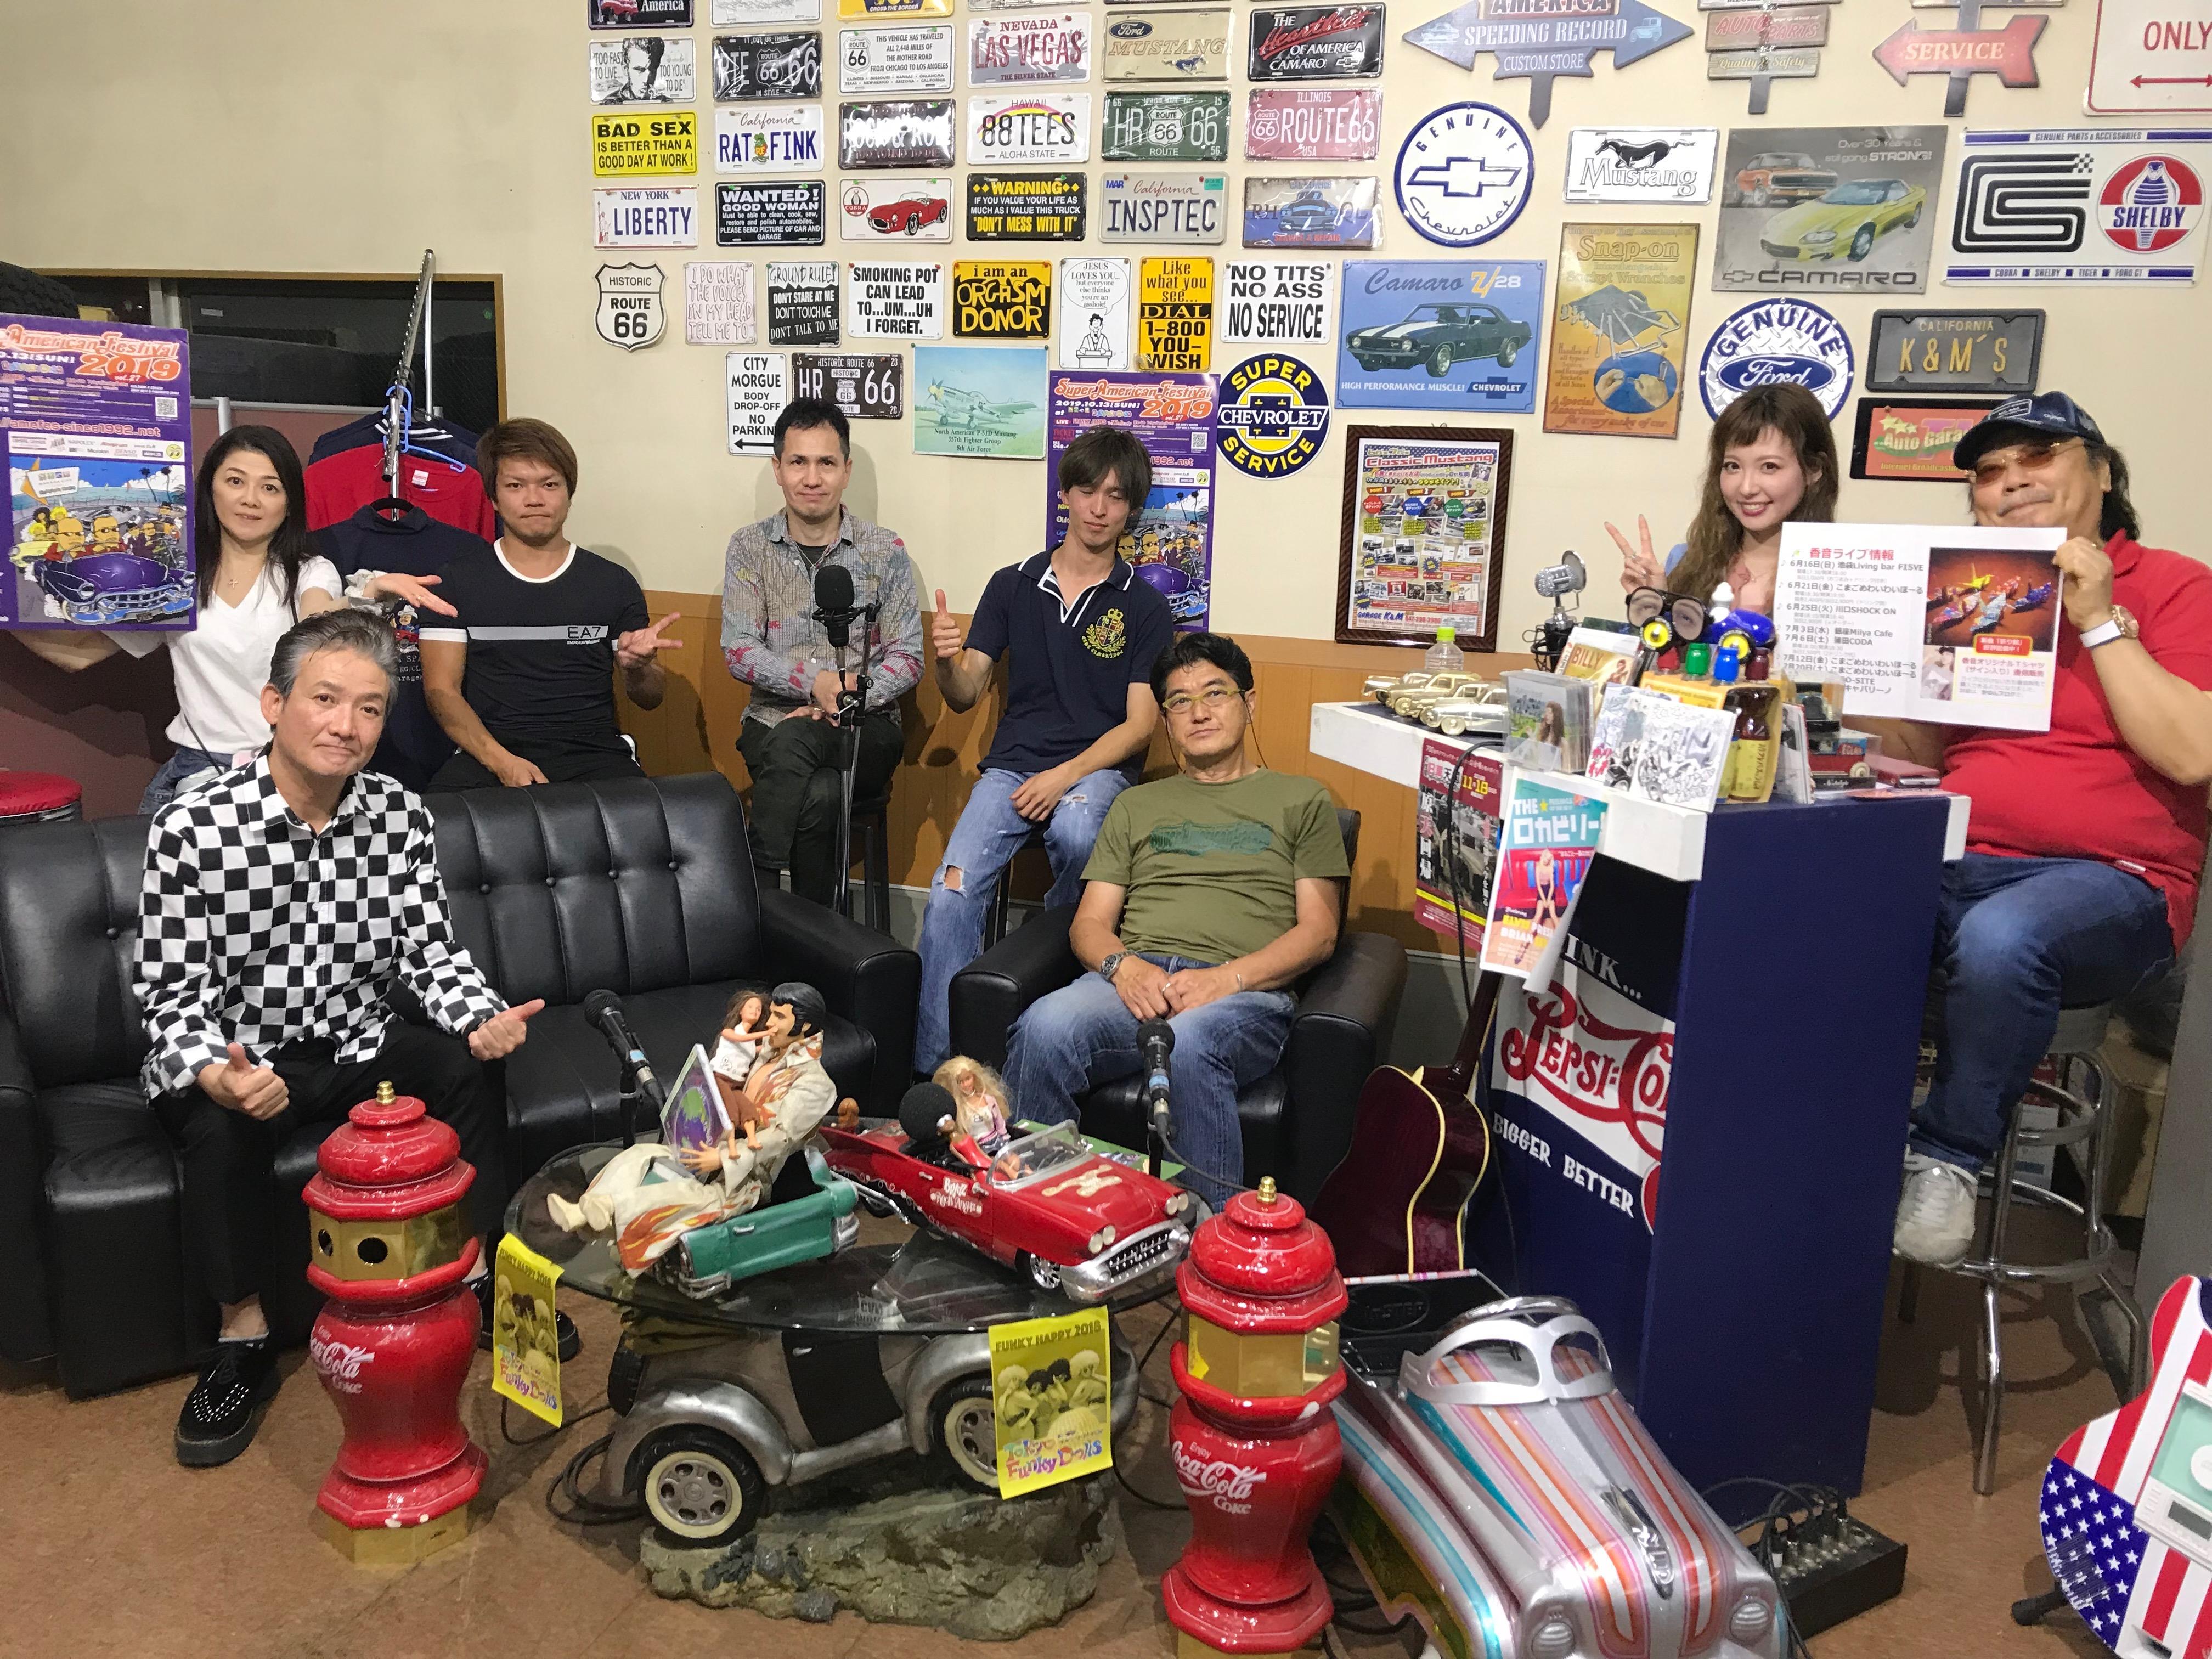 『湾岸ベース』#379(2019年6月13日放送分)